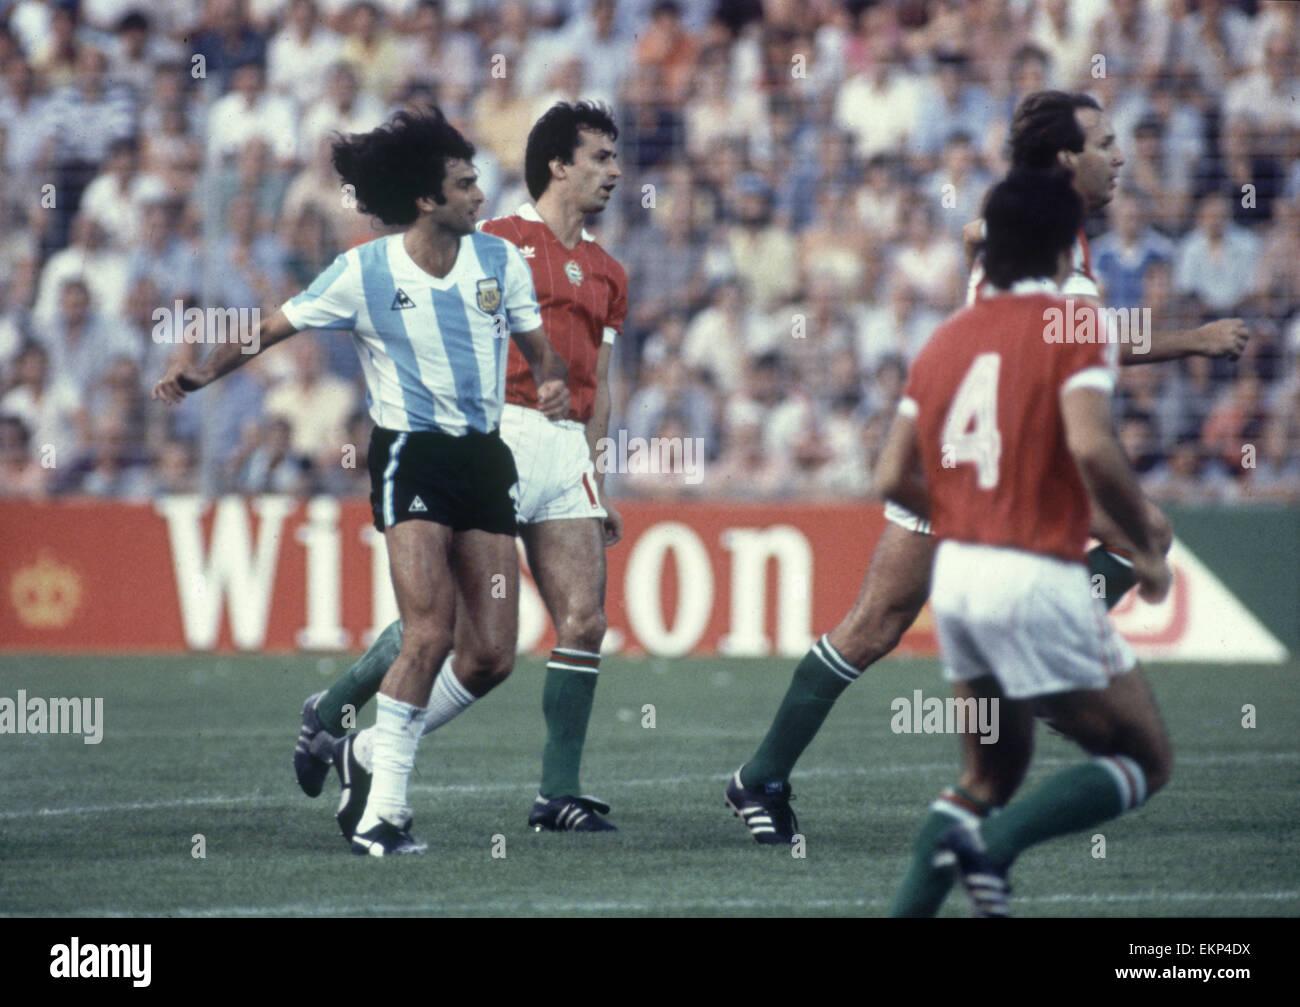 World cup 1982 argentina photos world cup 1982 argentina images alamy - Coupe du monde de foot 1982 ...